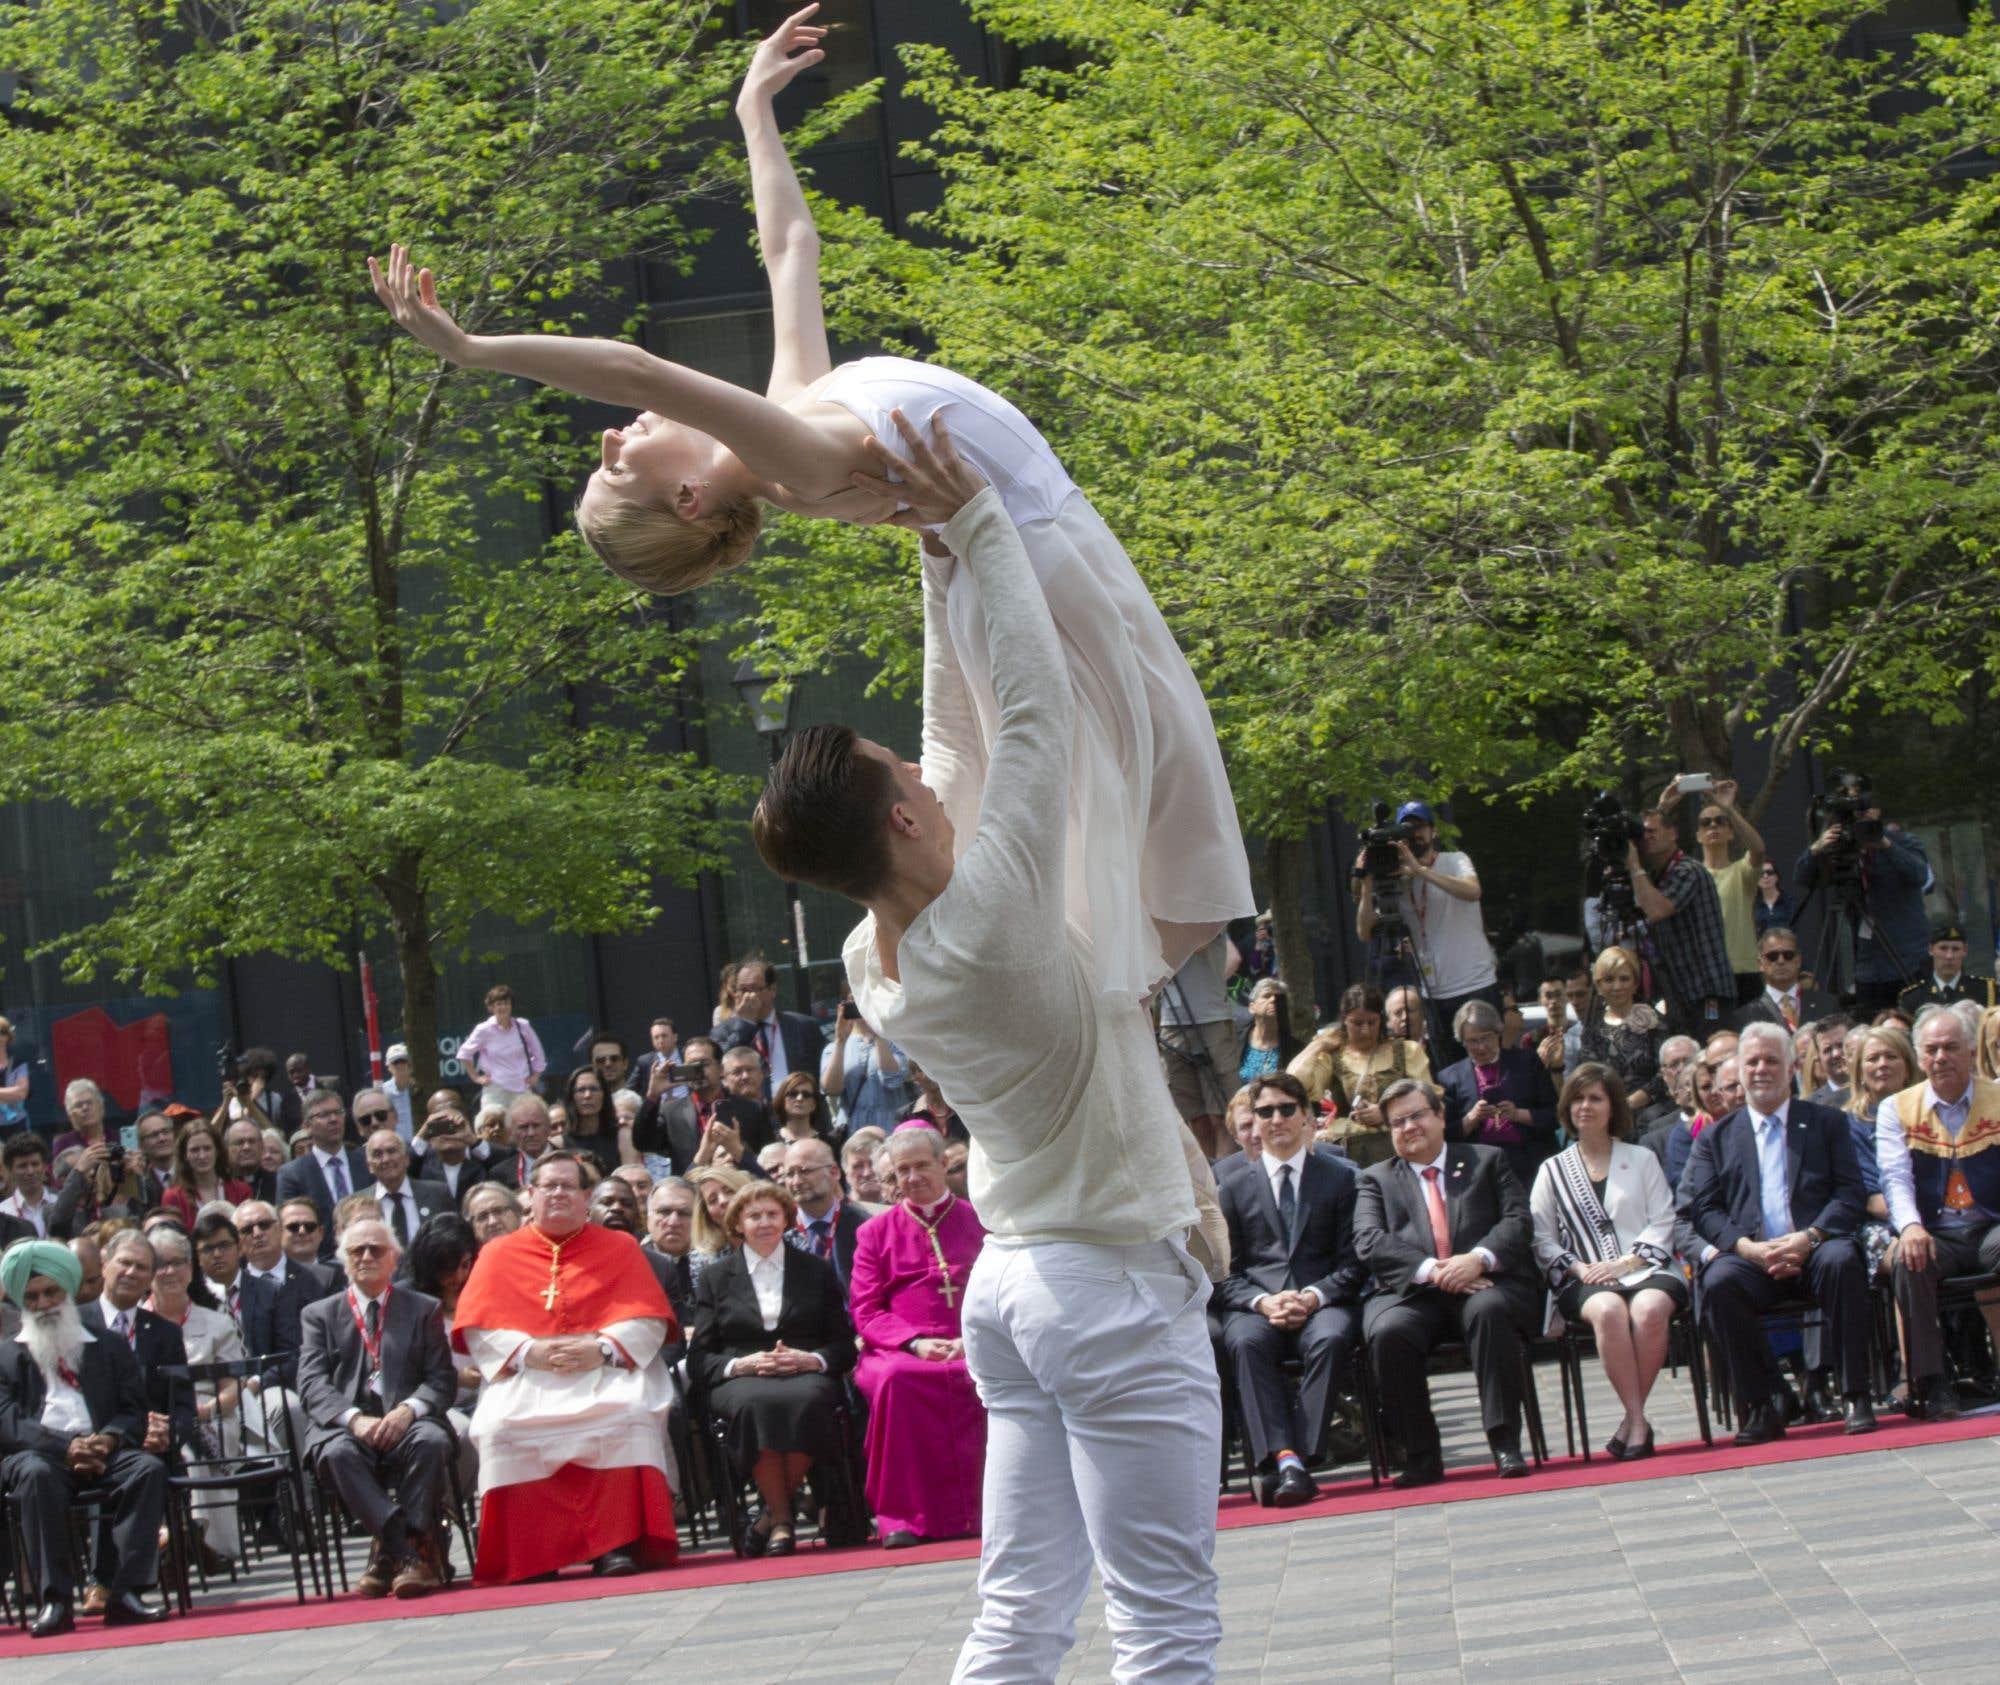 Les dignitaires ont pu assister à plusieurs spectacles qui rendent hommage aux fondateurs de Montréal, Jeanne Mance et Paul Chomedey de Maisonneuve.